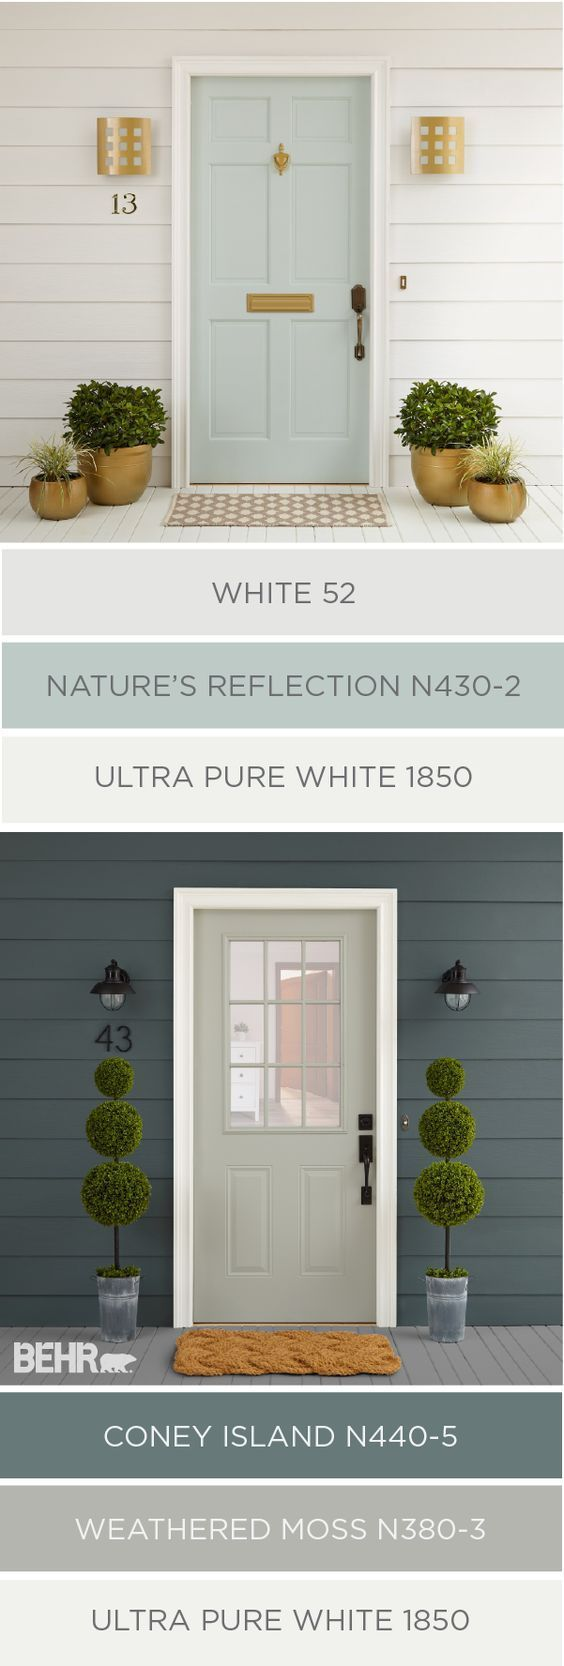 Exterior Color Palette By Behr Favorite Paint Colors